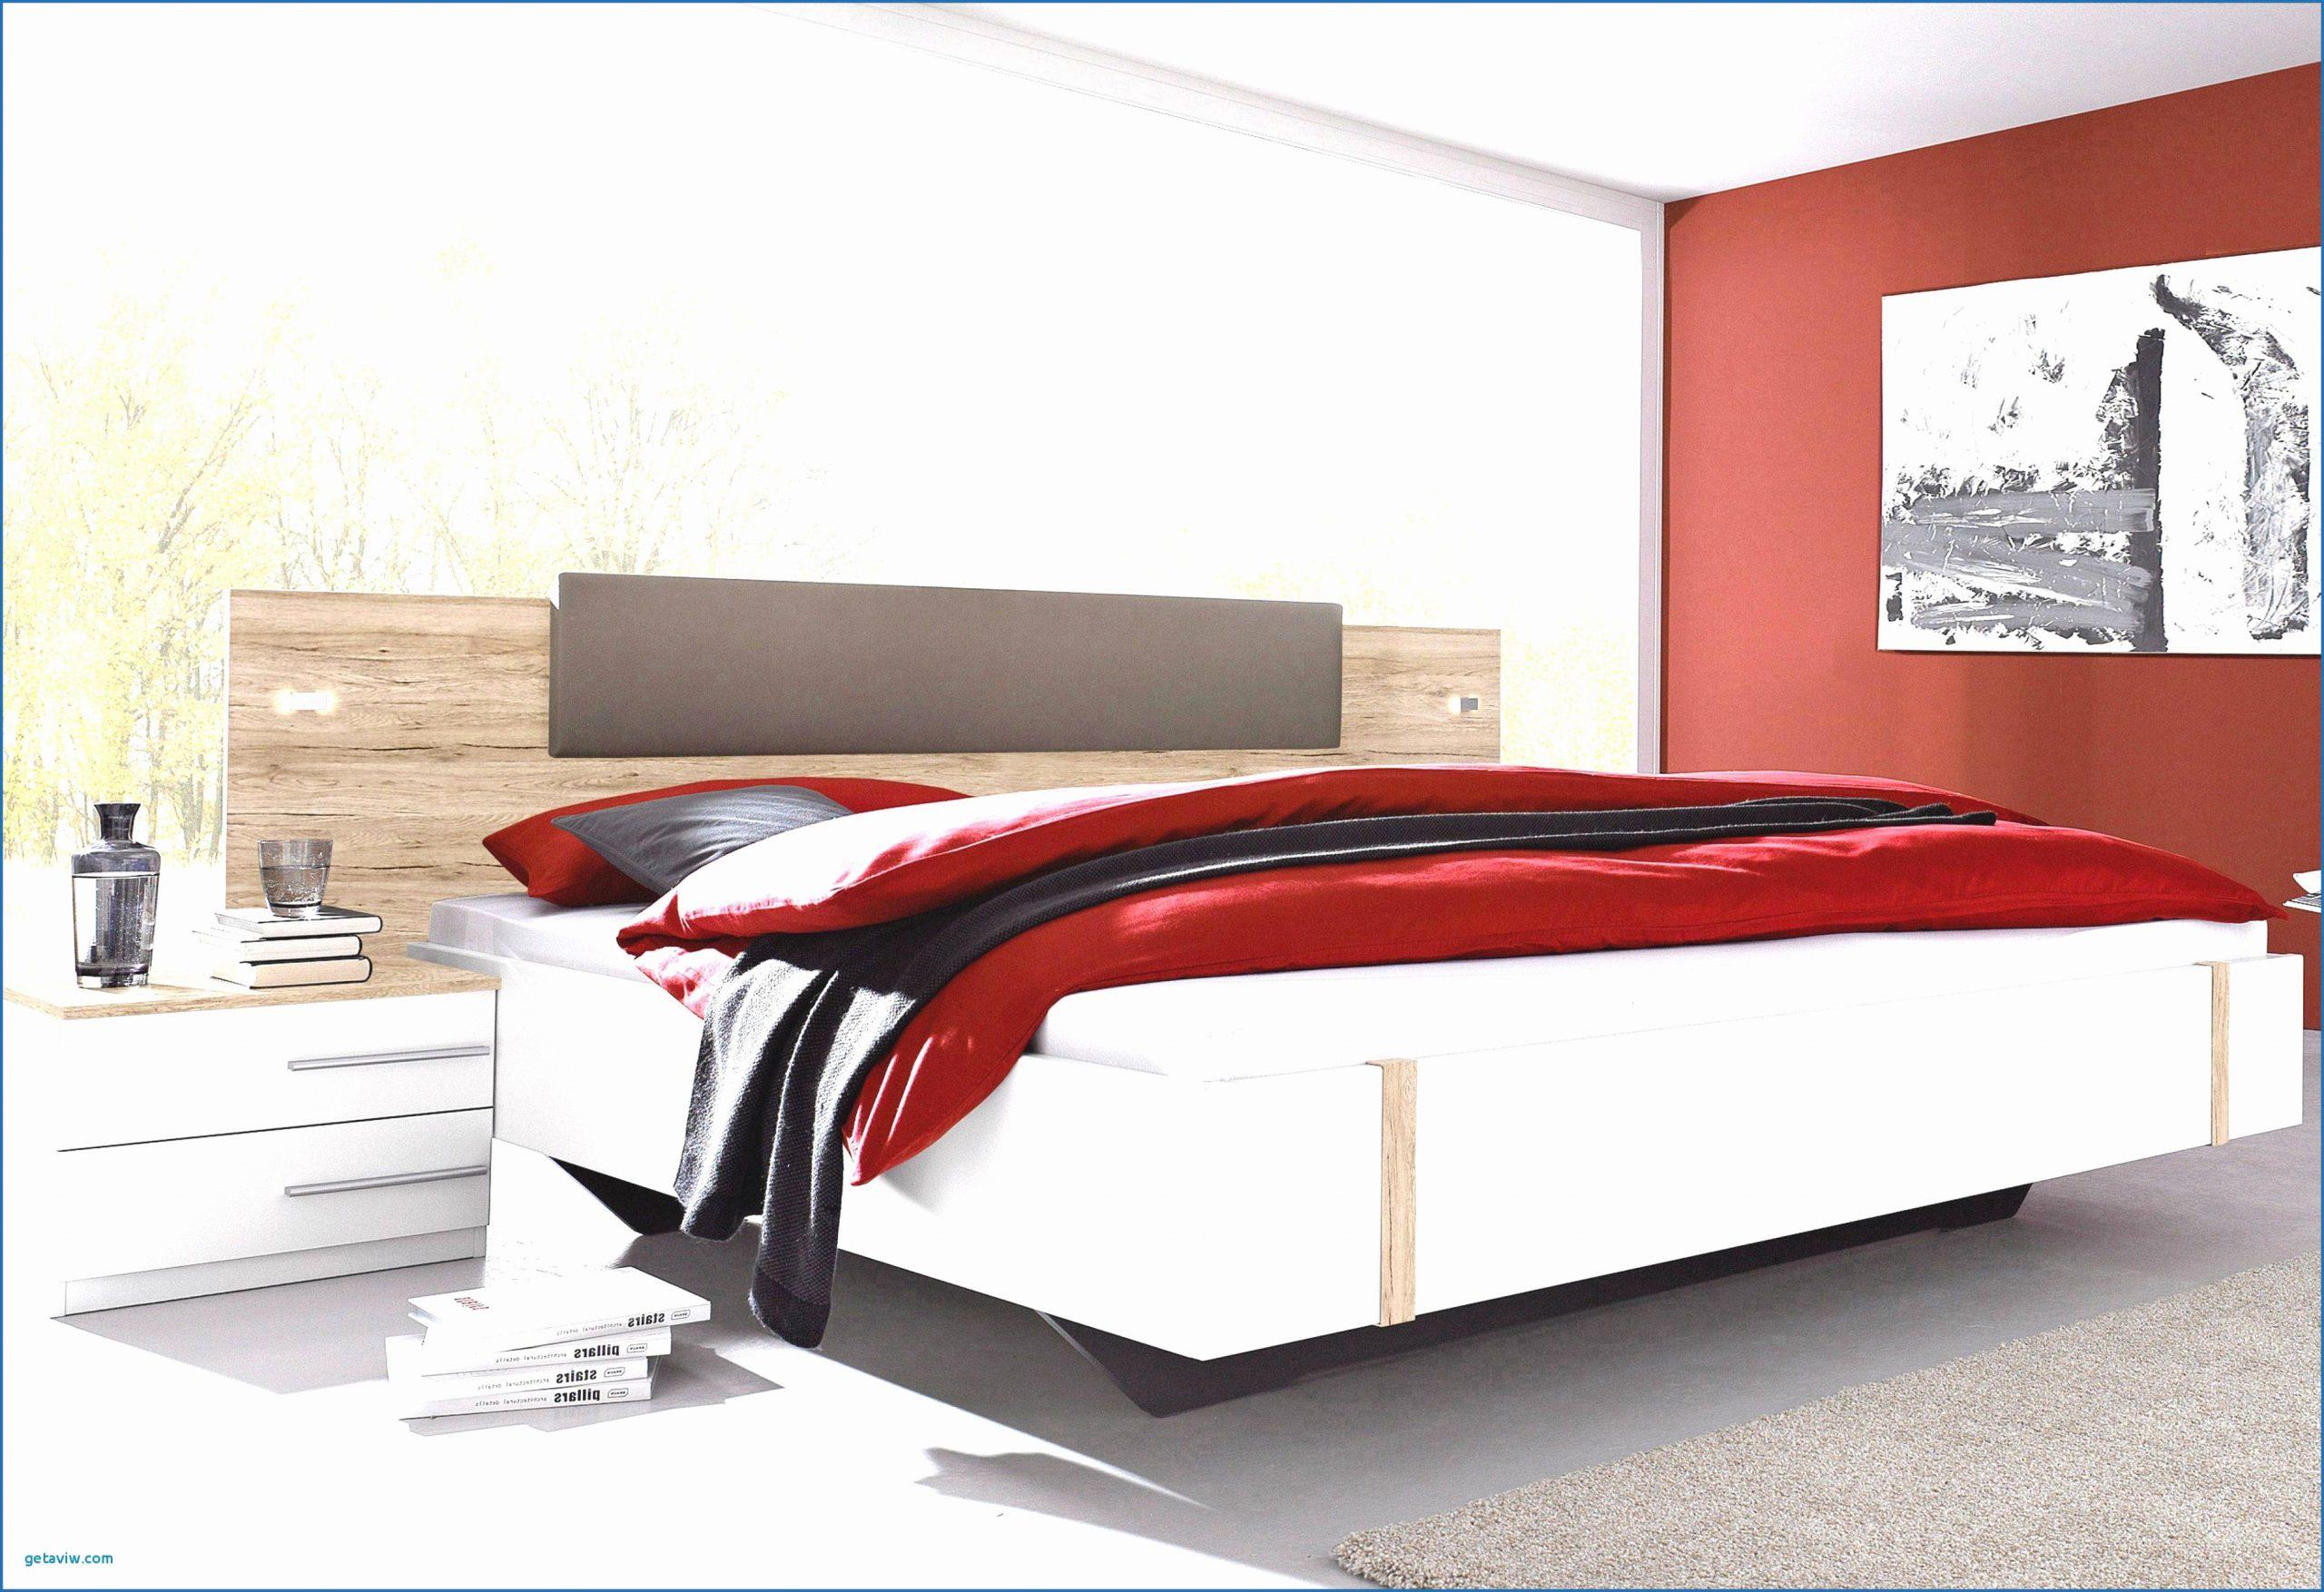 Full Size of Schlafzimmer Komplett Poco Excellent With Nolte Schranksysteme Kommode Weiß Big Sofa Komplettes Günstige Wohnzimmer Weißes Mit Lattenrost Und Matratze Schlafzimmer Schlafzimmer Komplett Poco